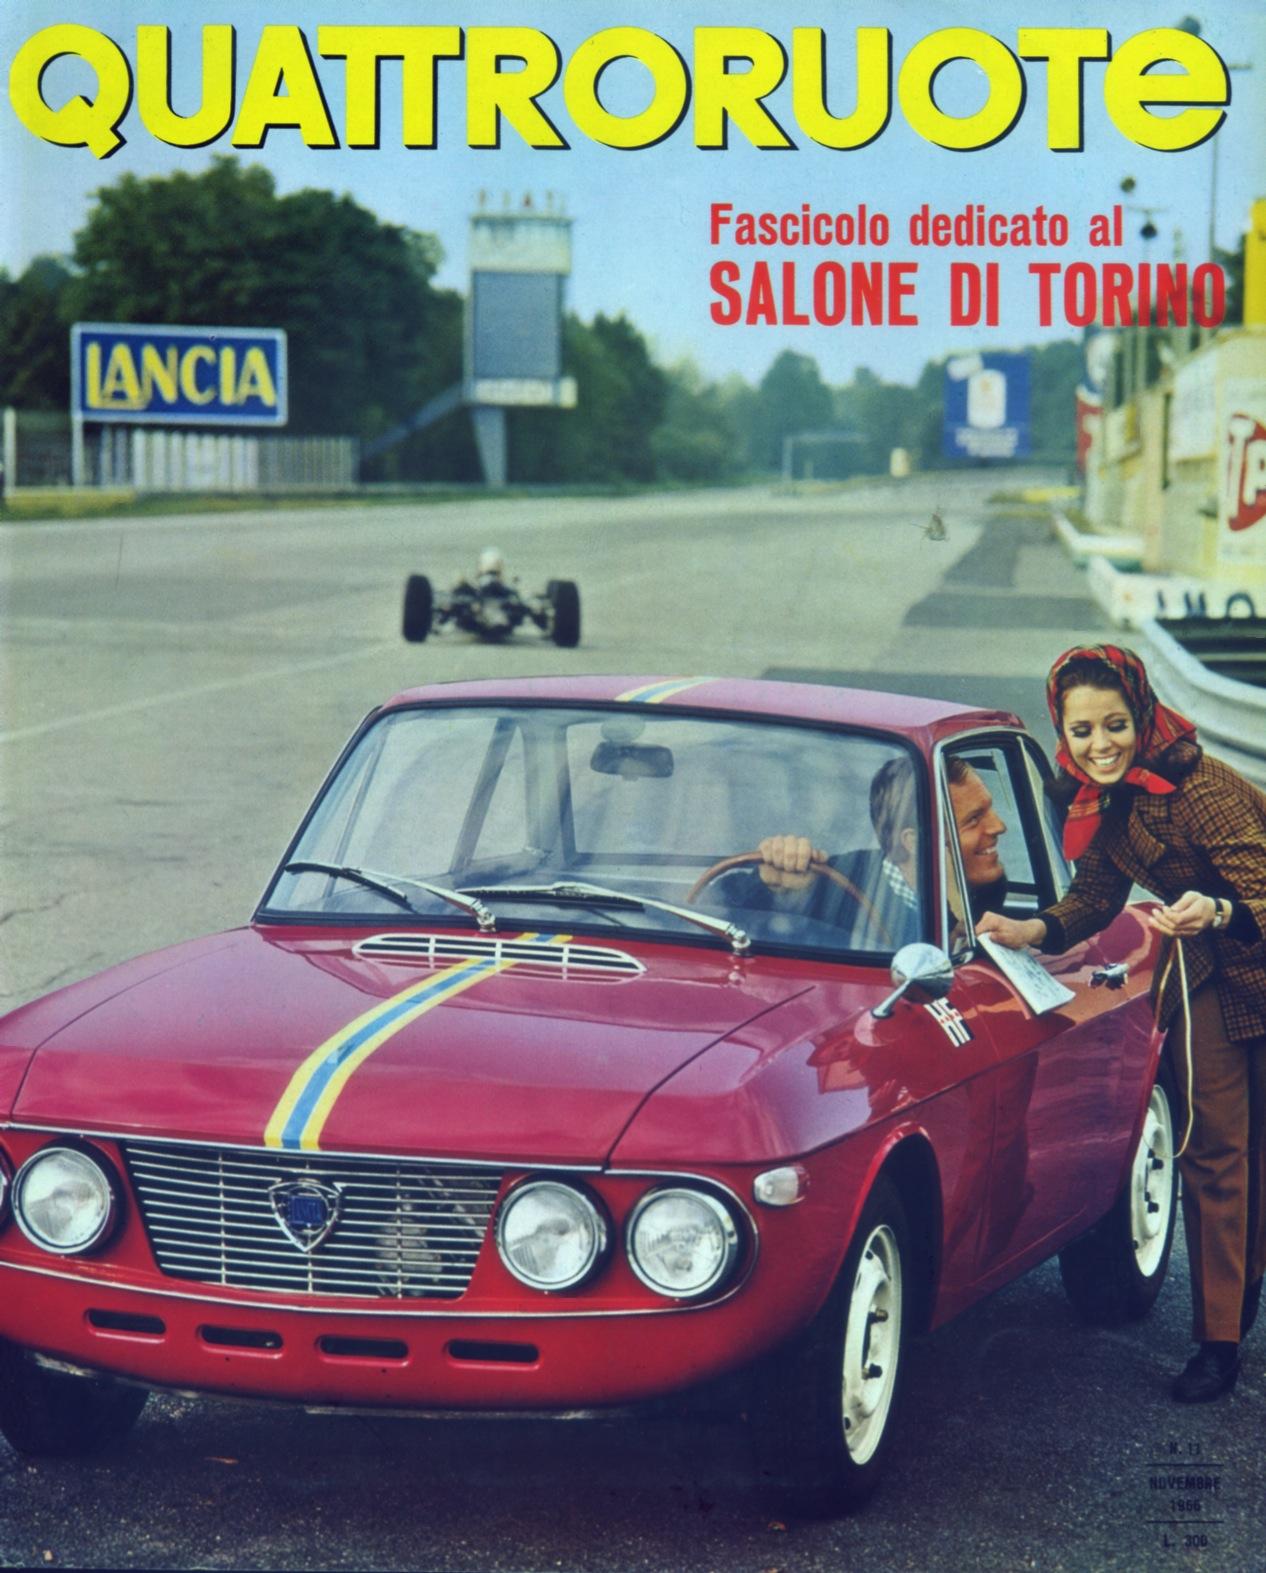 1966 quattroruote copertina novembre 131